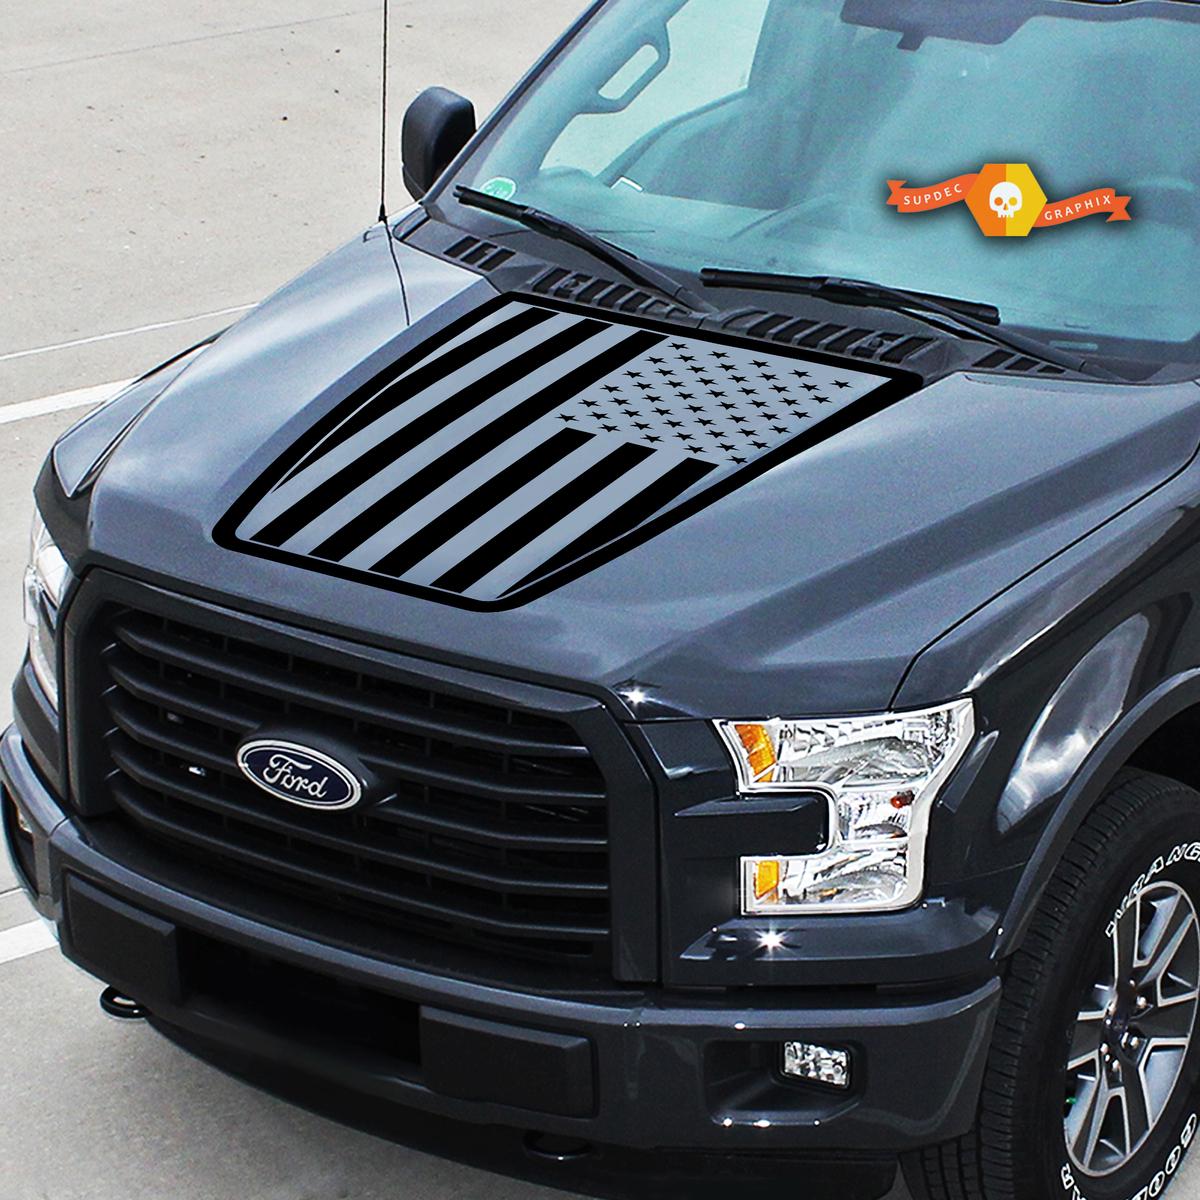 Motorhaube Ford F-150 USA Flag Center Grafik Vinyl Aufkleber LKW Aufkleber 2015-2020